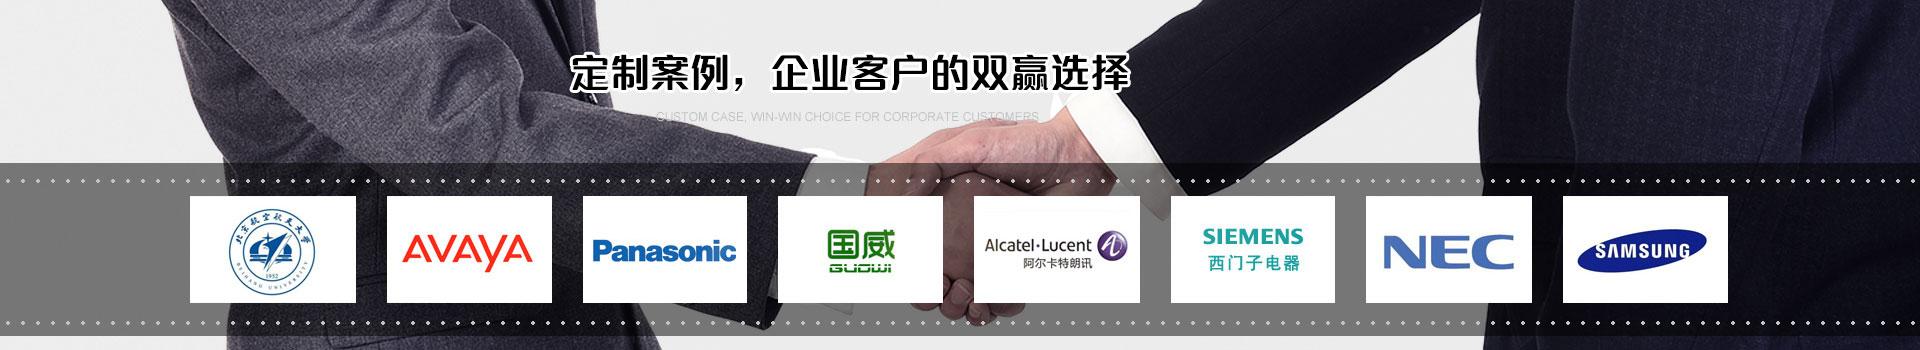 宏联电路-定制案例,企业客户的双赢选择